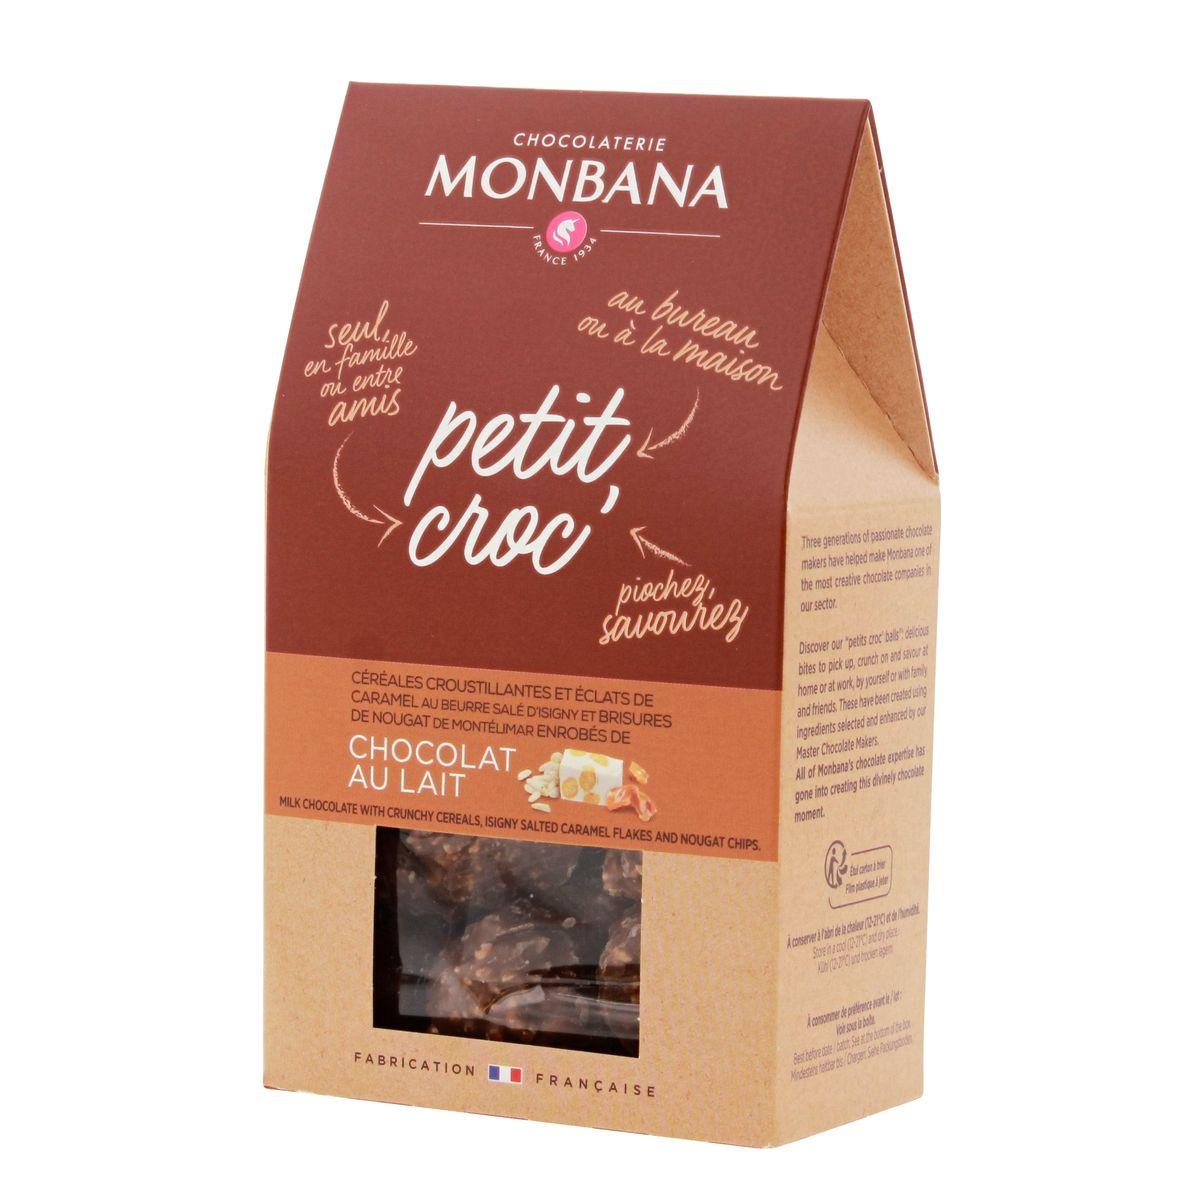 Petit Croc chocolat au lait - Monbana